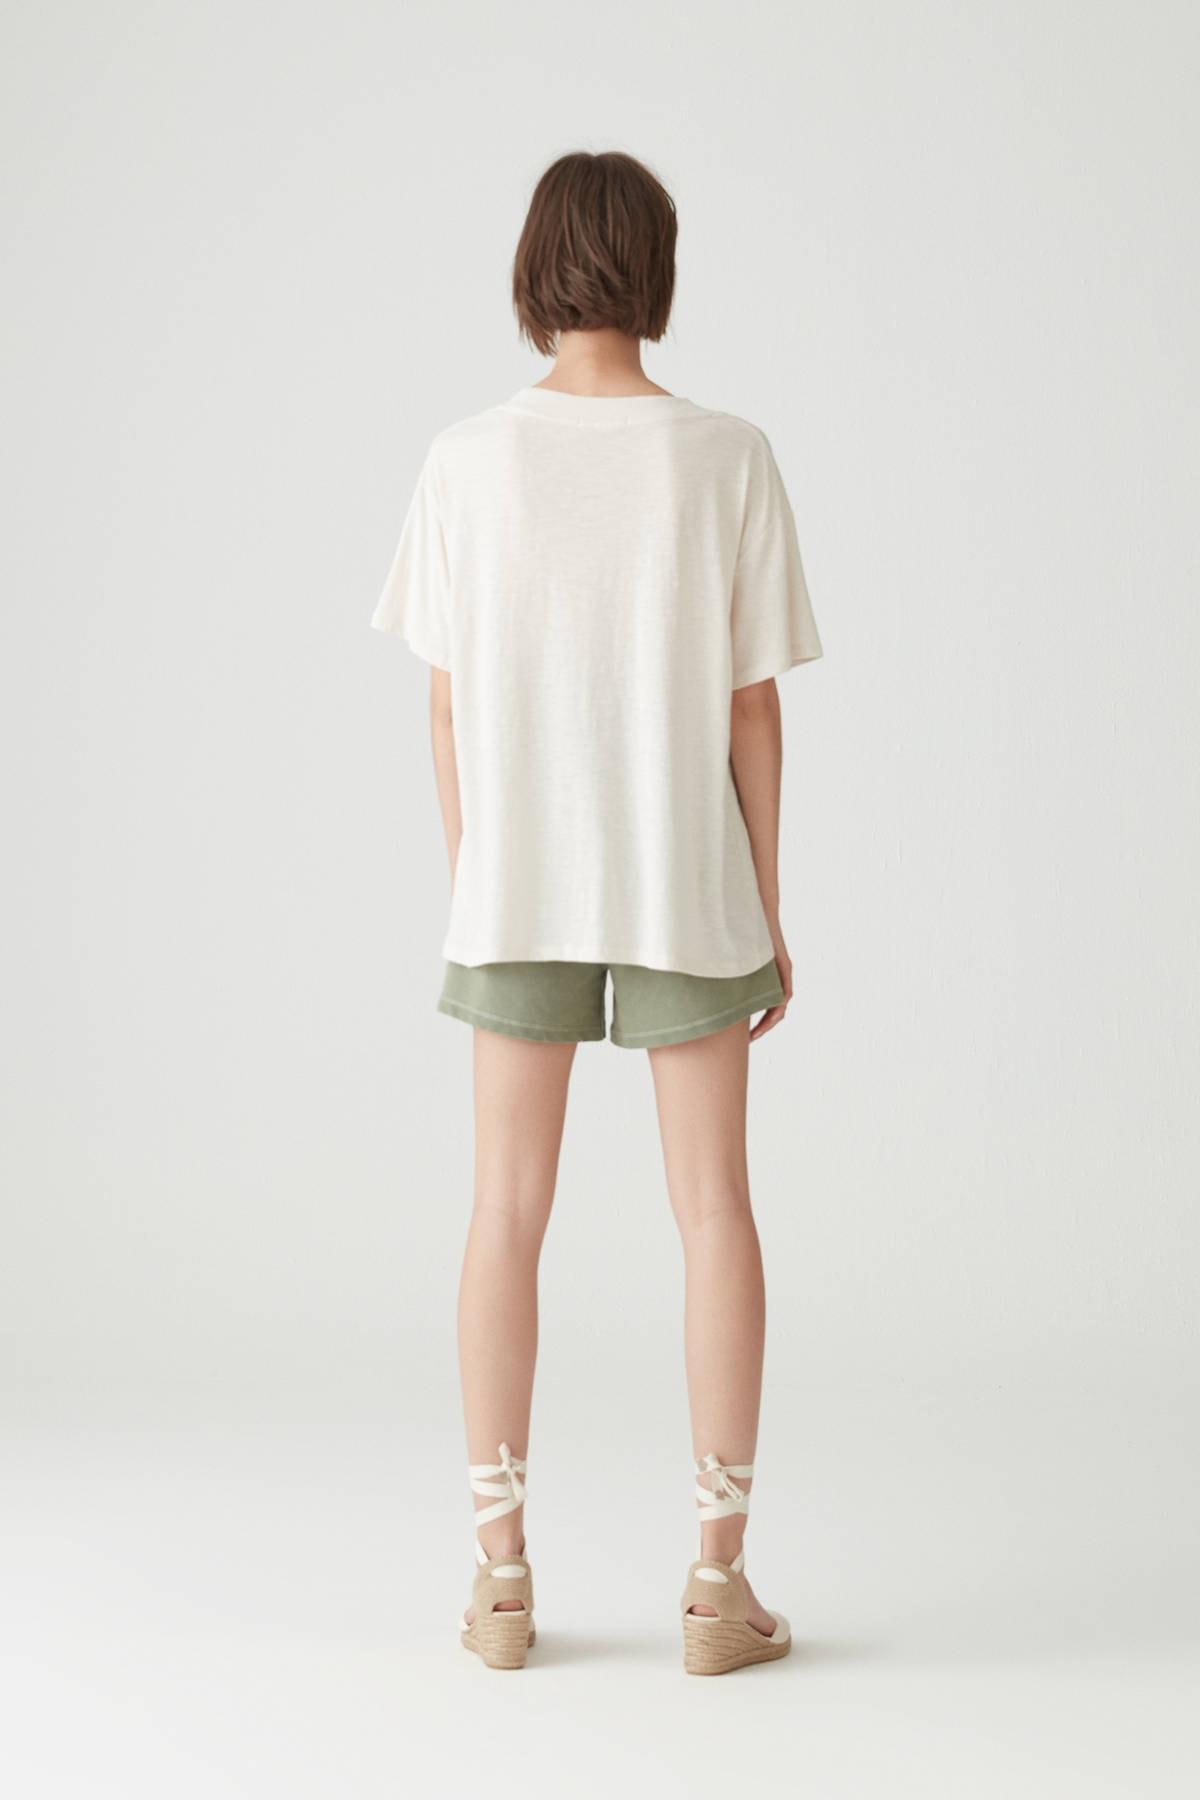 Pull & Bear Kadın Taş Rengi Basic Oversize Düğümlü Örgü T-Shirt 05236324 2